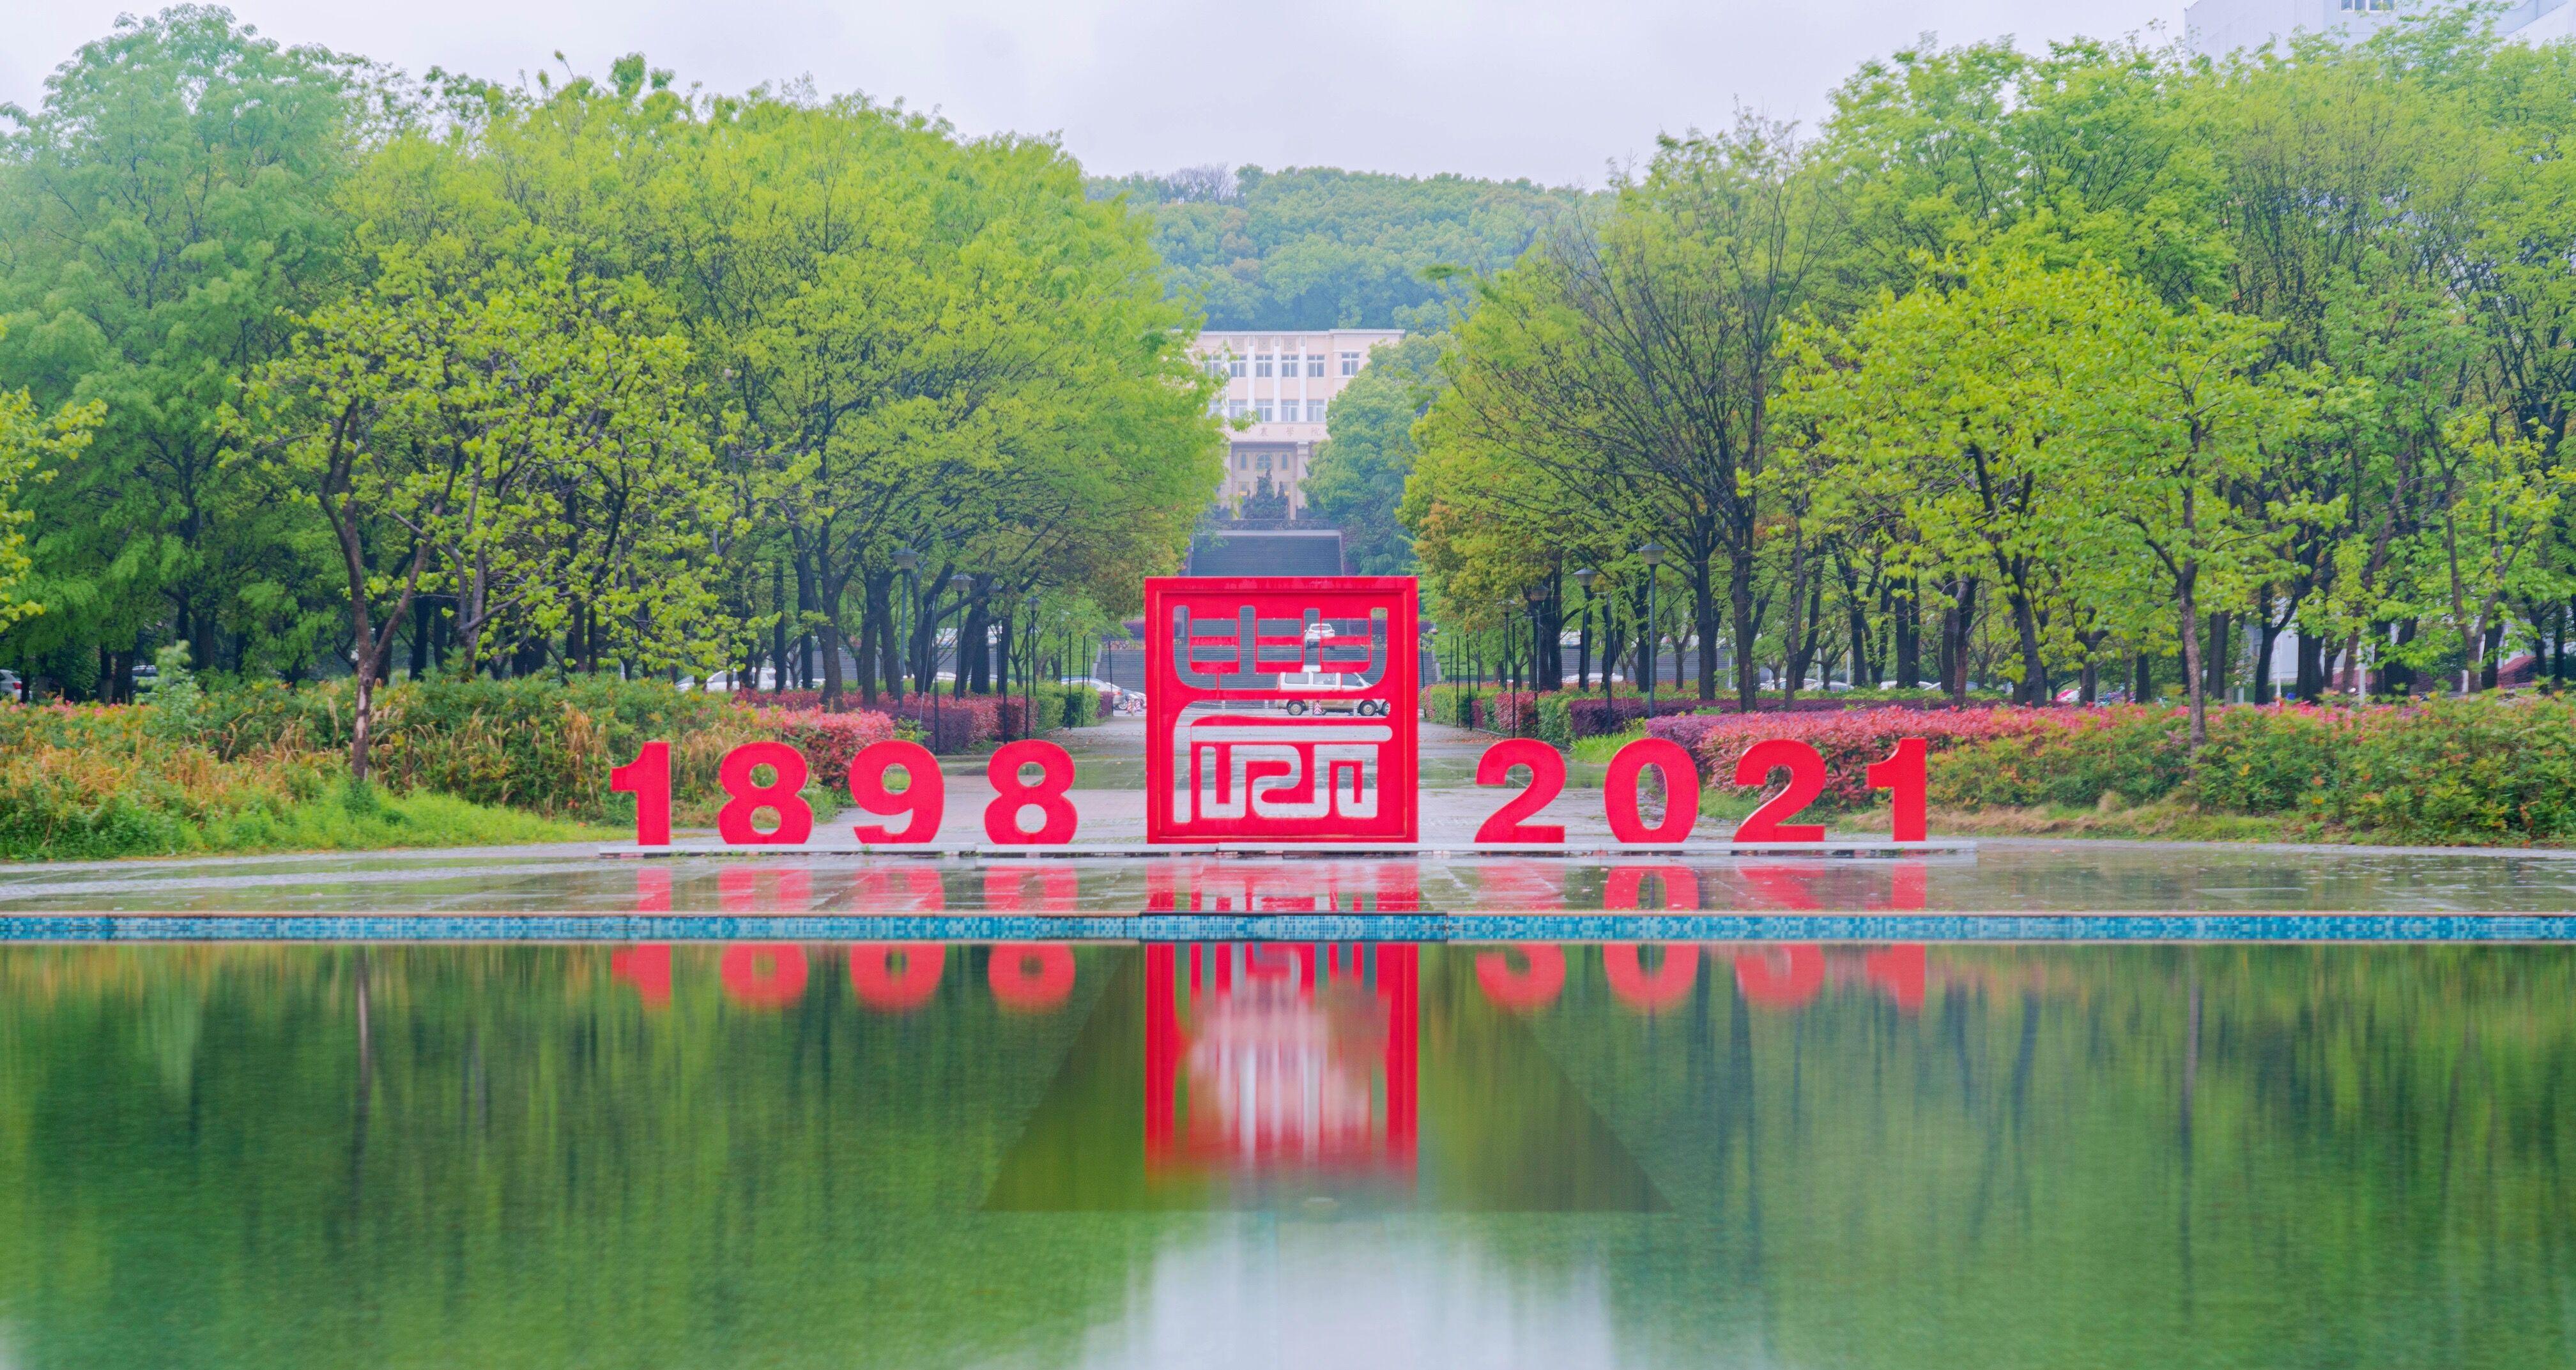 ▲雨后的狮子山广场(周东琴 摄)